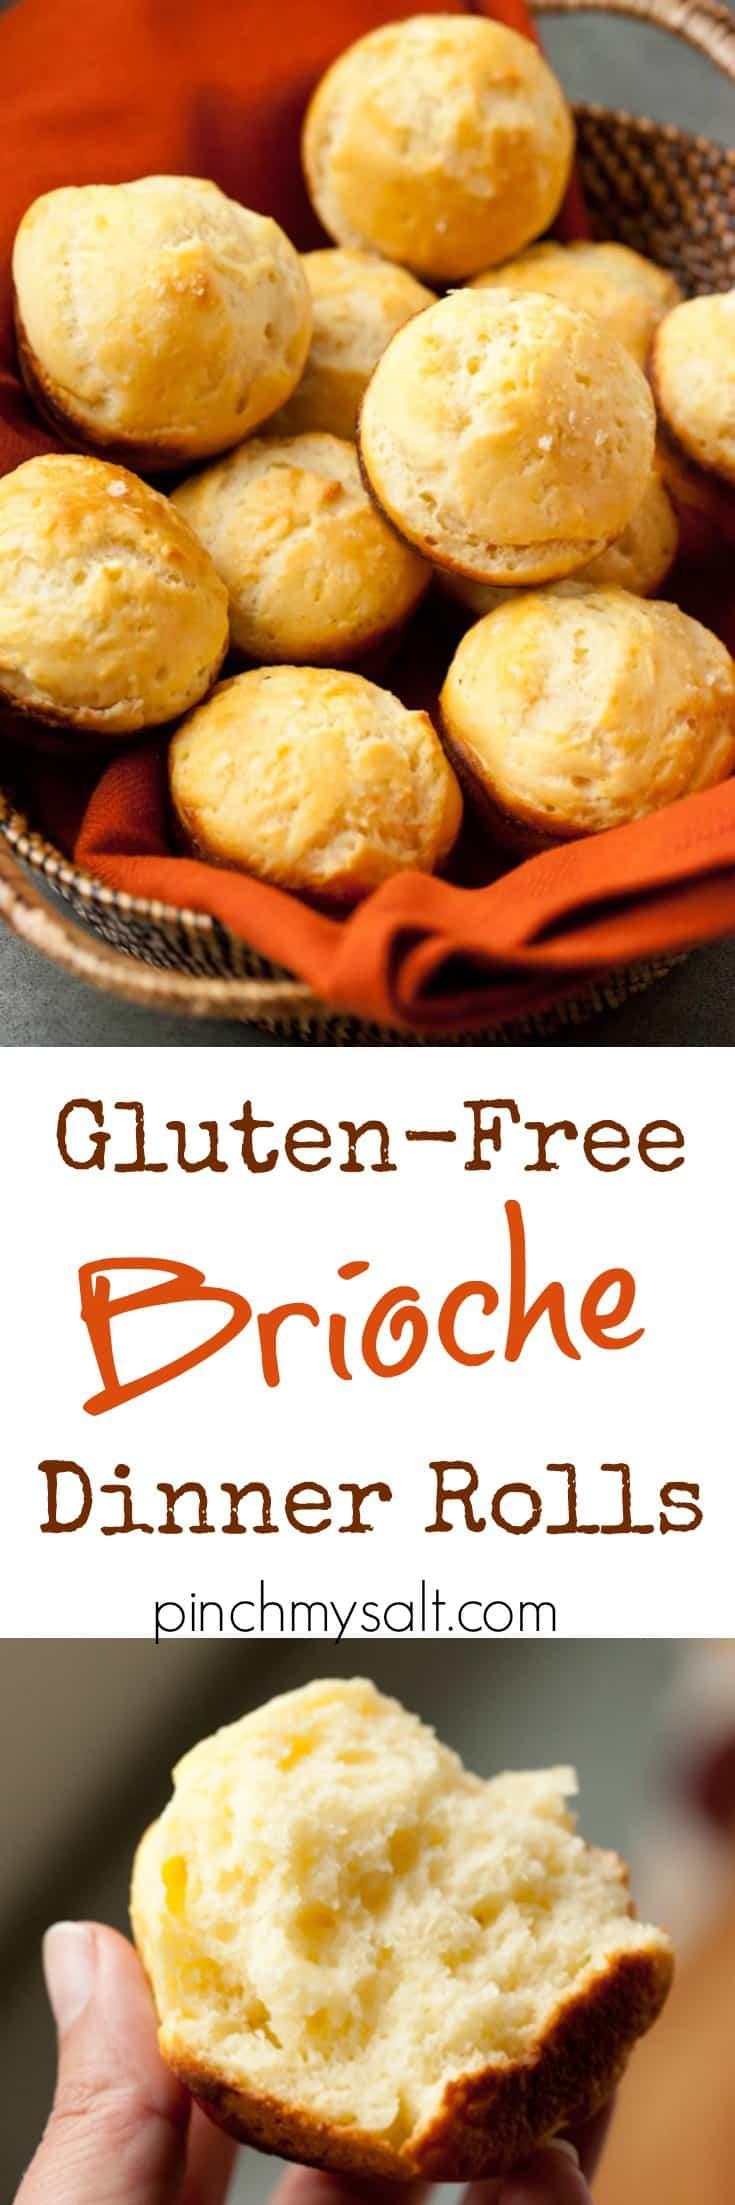 Gluten-Free Brioche Dinner Rolls | pinchmysalt.com